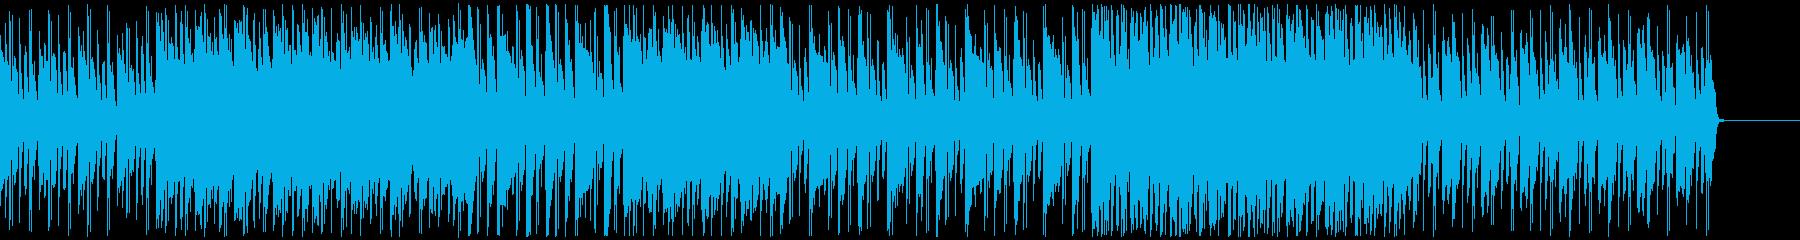 クールなゲーム曲/シンセサイザーの再生済みの波形